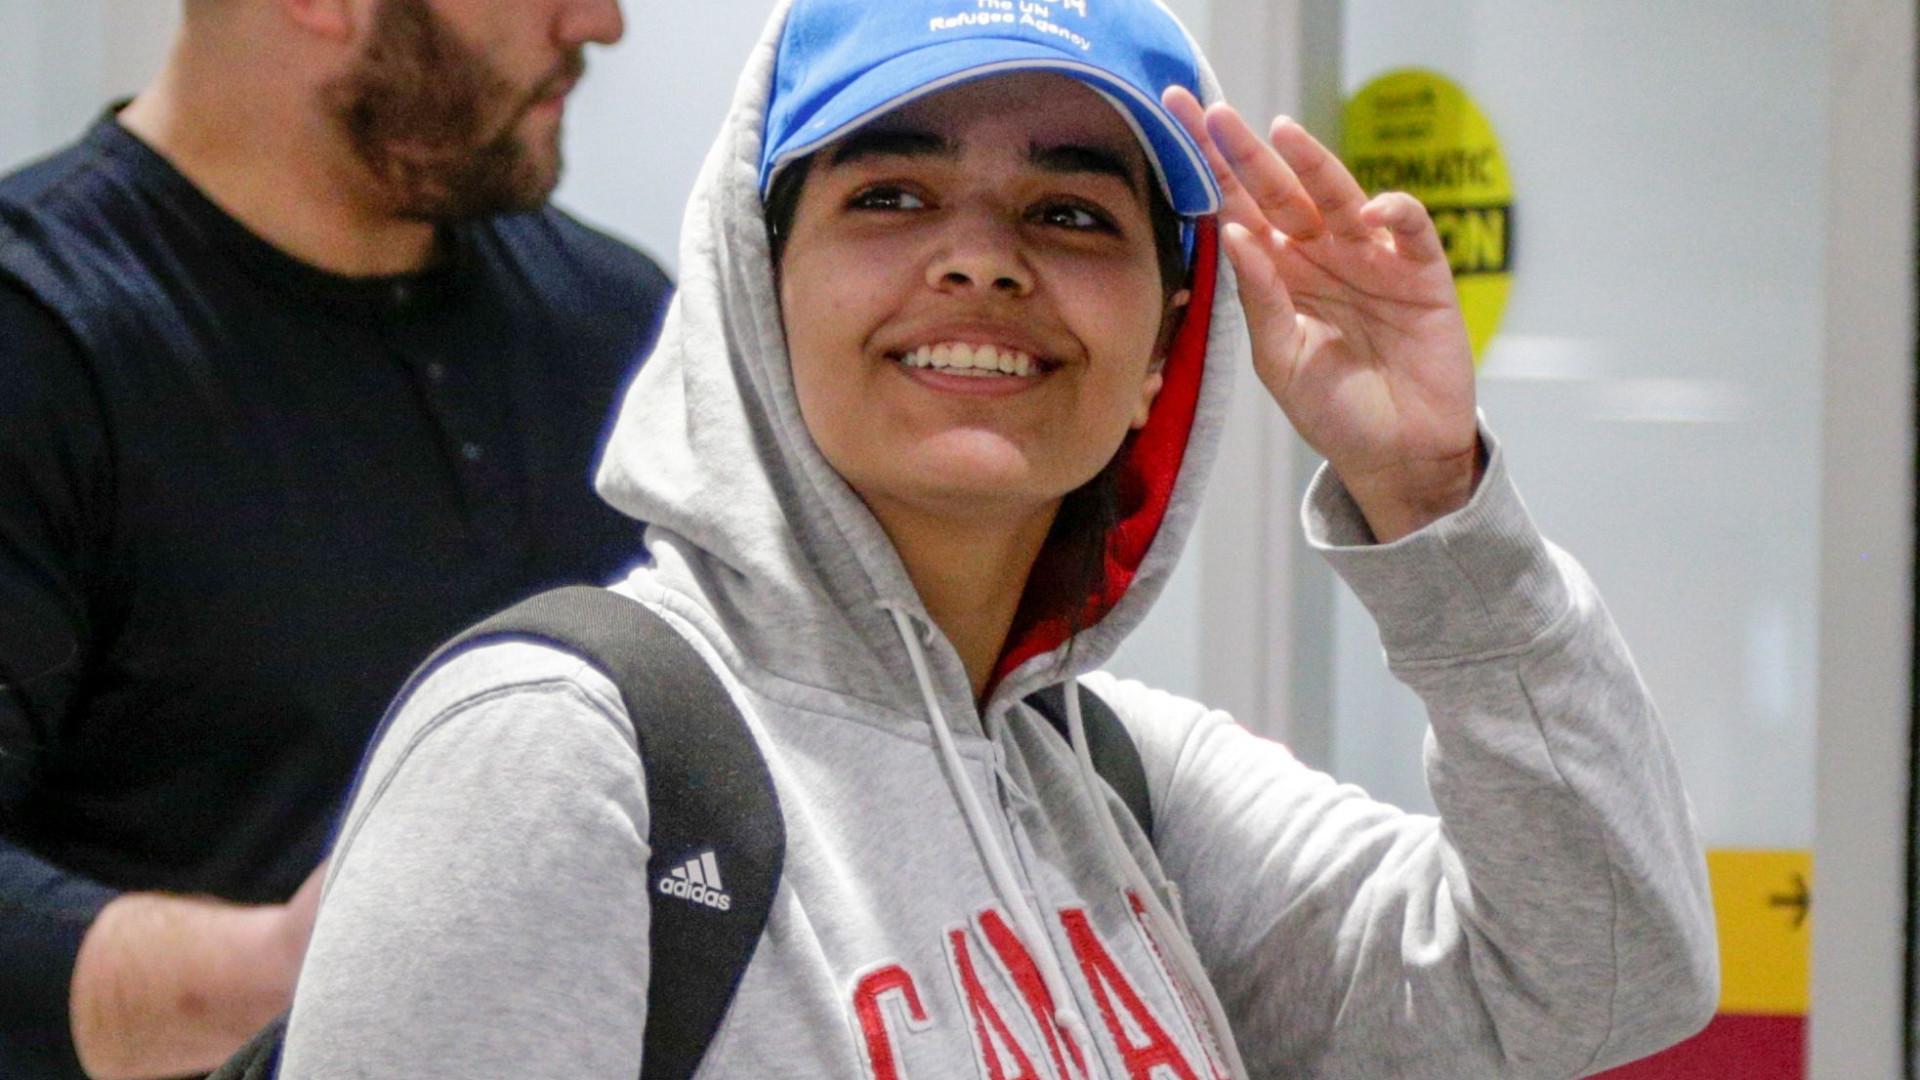 Jovem saudita que fugiu da família chega ao Canadá